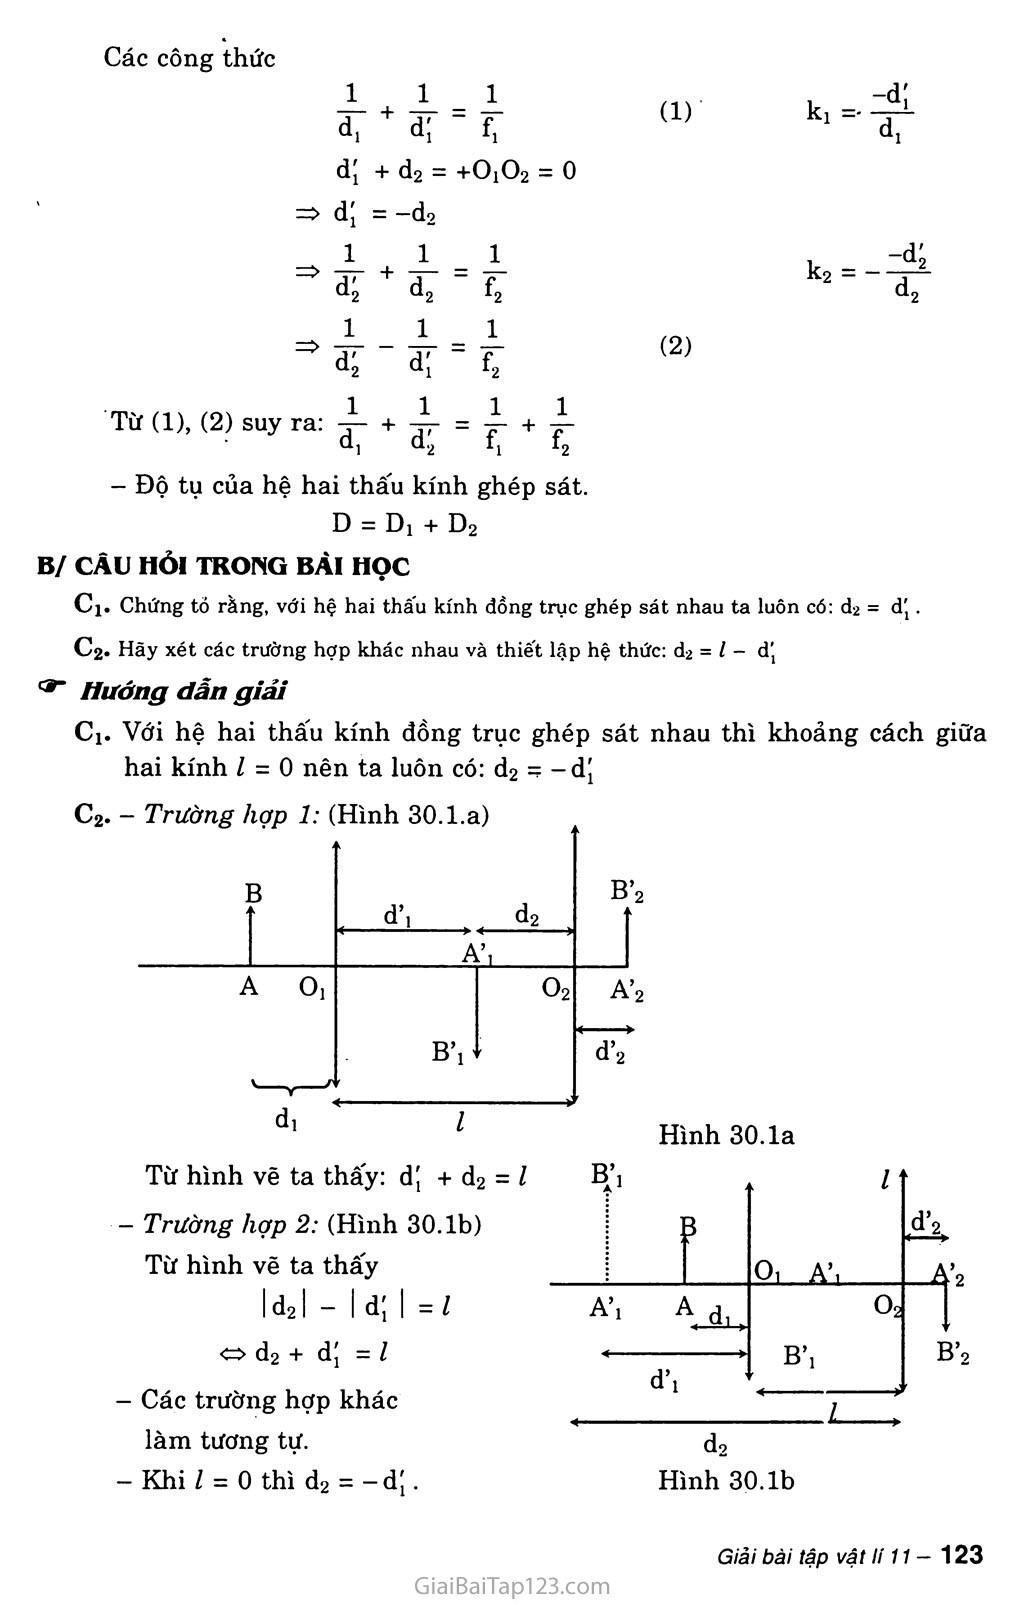 Bài 30: Giải bài toán về hệ thấu kính trang 2